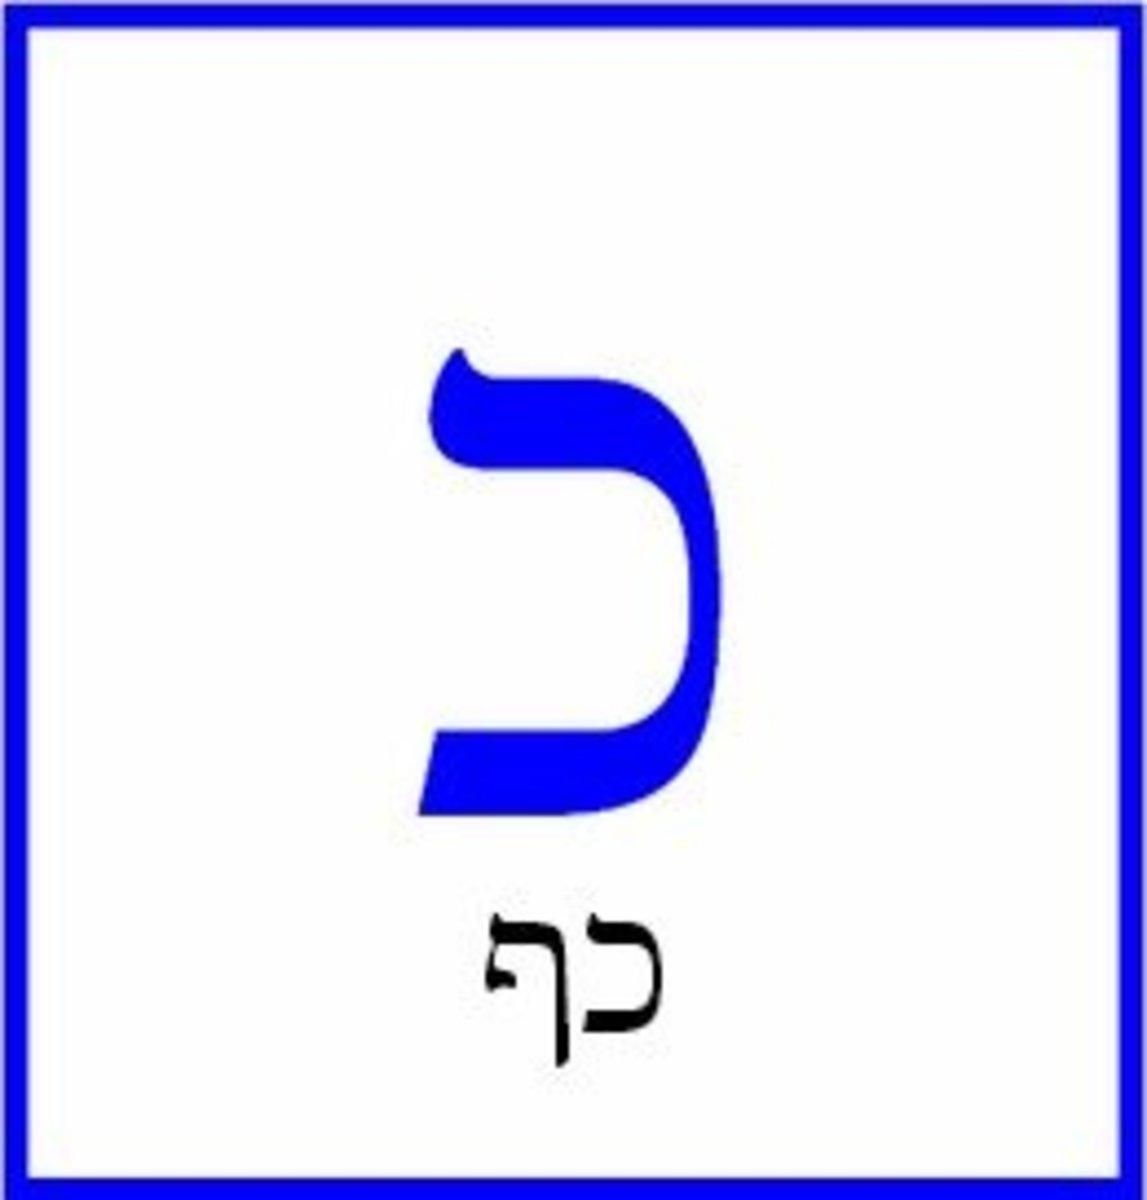 The Hebrew Letter Kaf or Khaf – כף